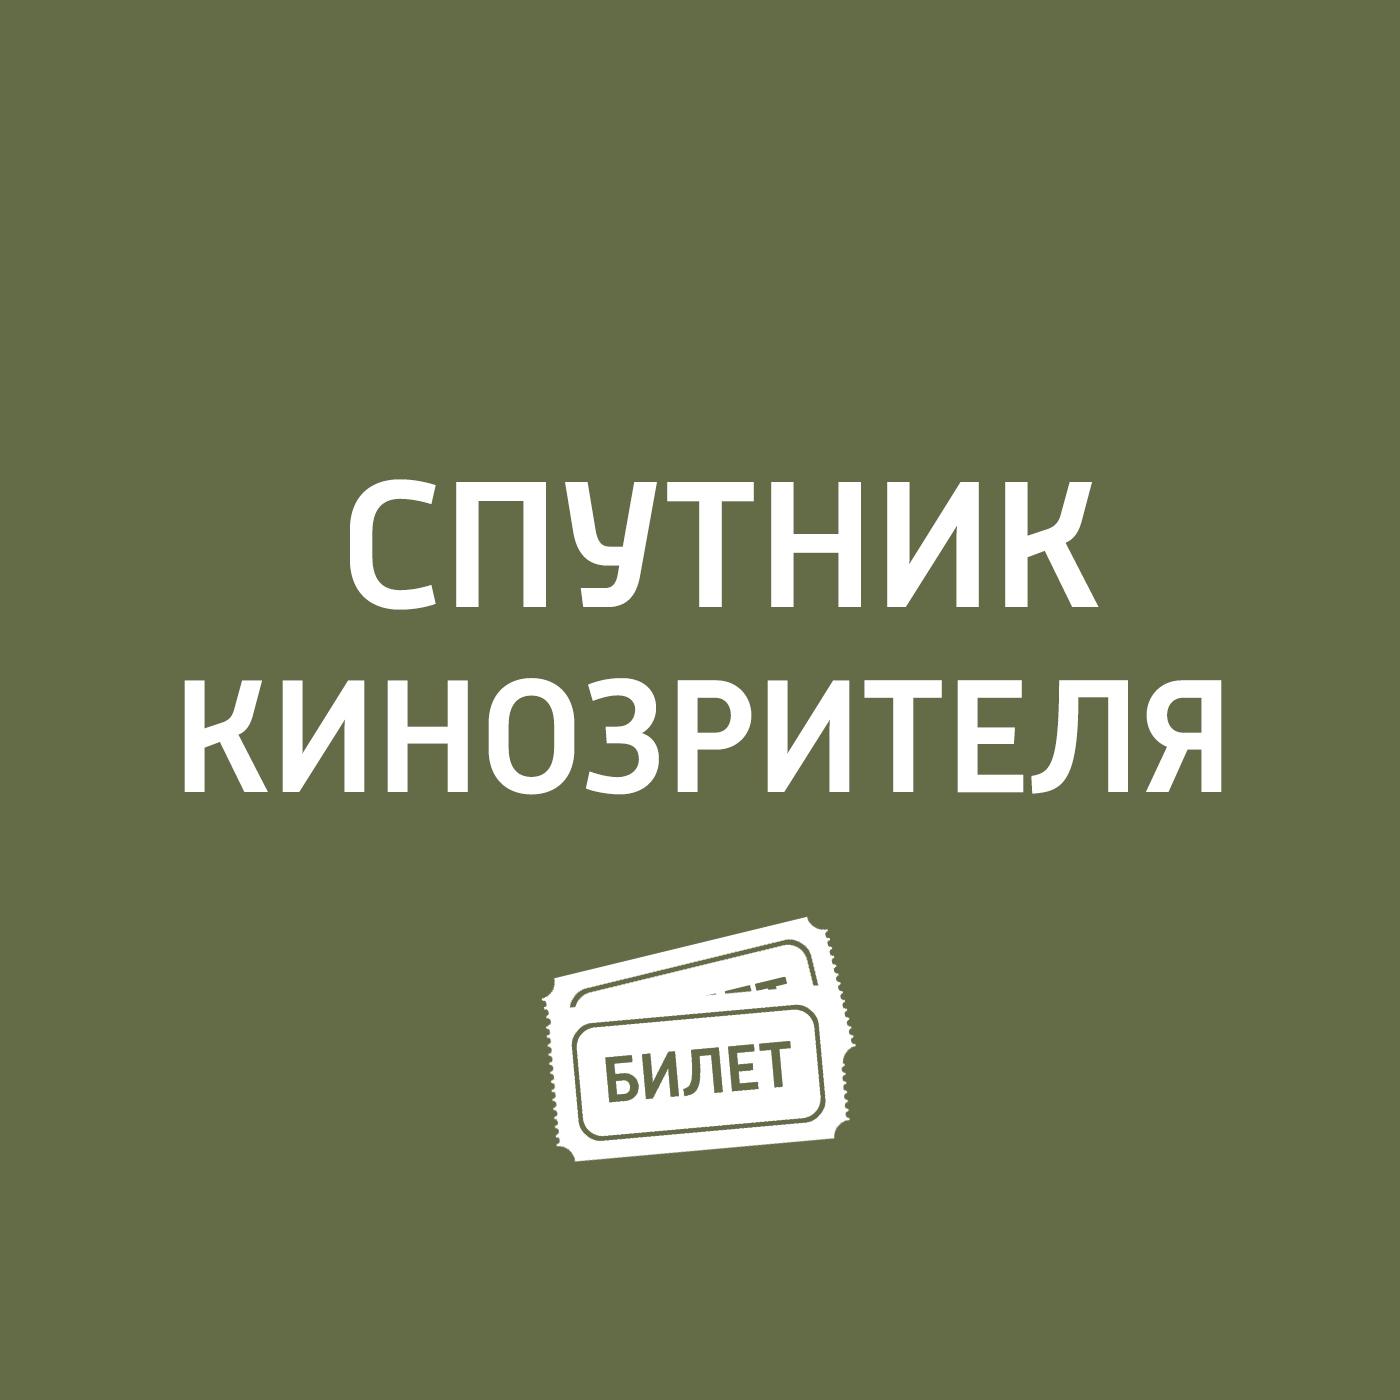 Антон Долин Новинки кино: «Тайная жизнь домашних животных»; «Парни со стволами